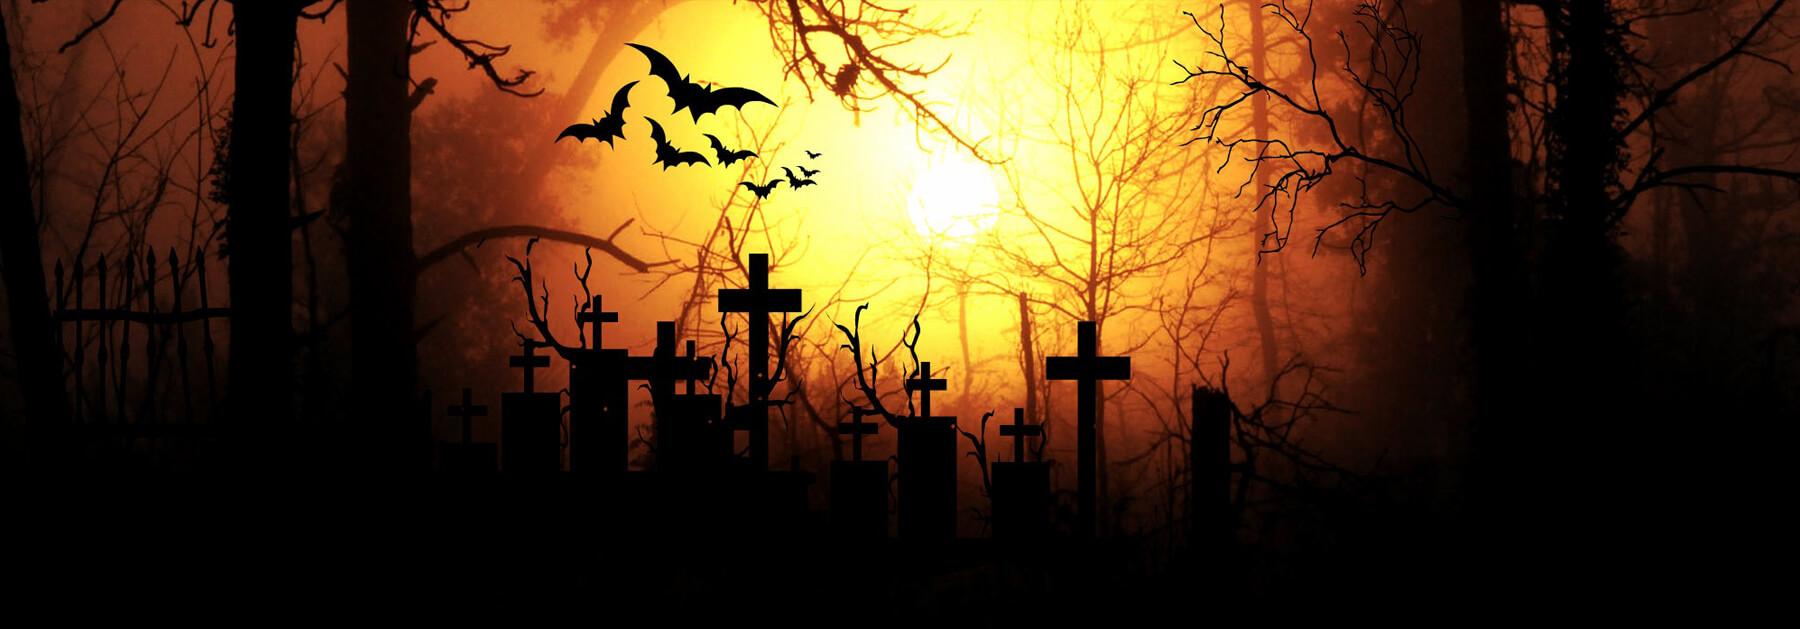 vampires-lair-bg